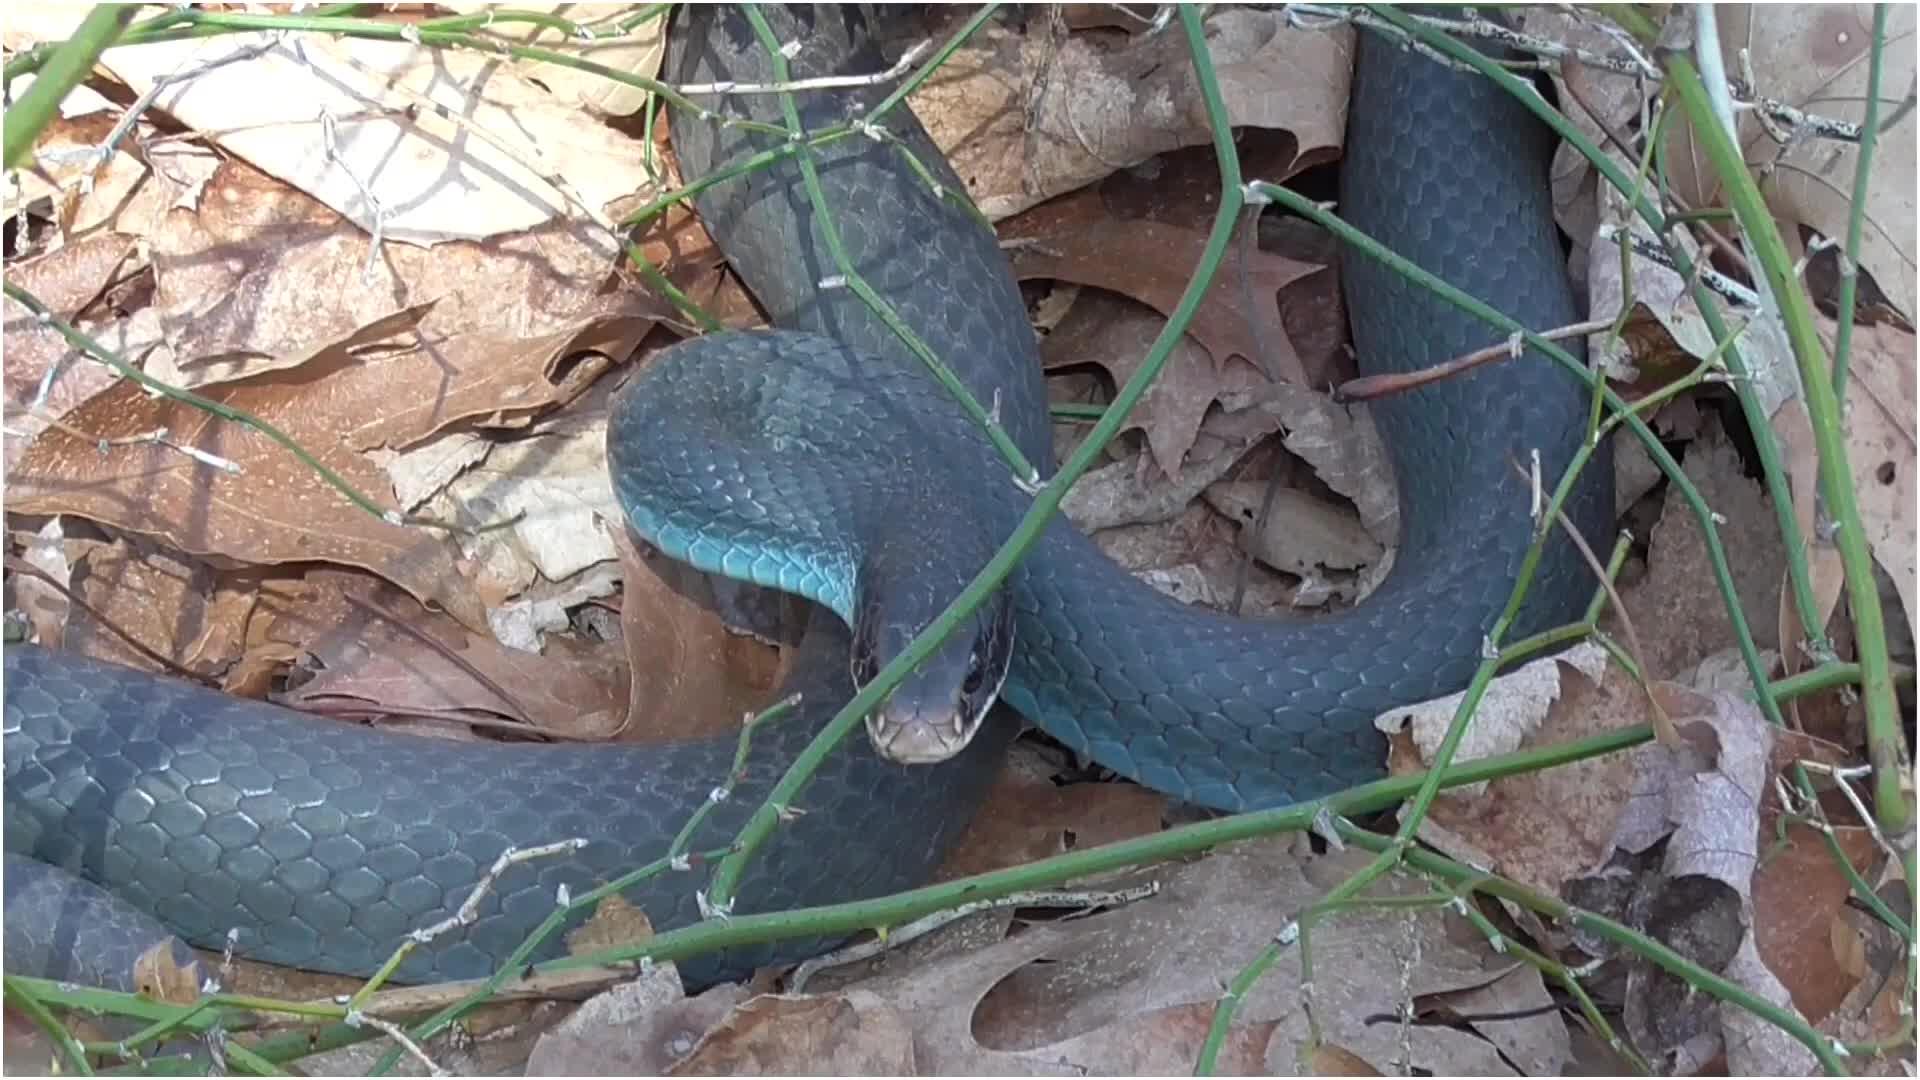 Blue Racer Snake GIFs